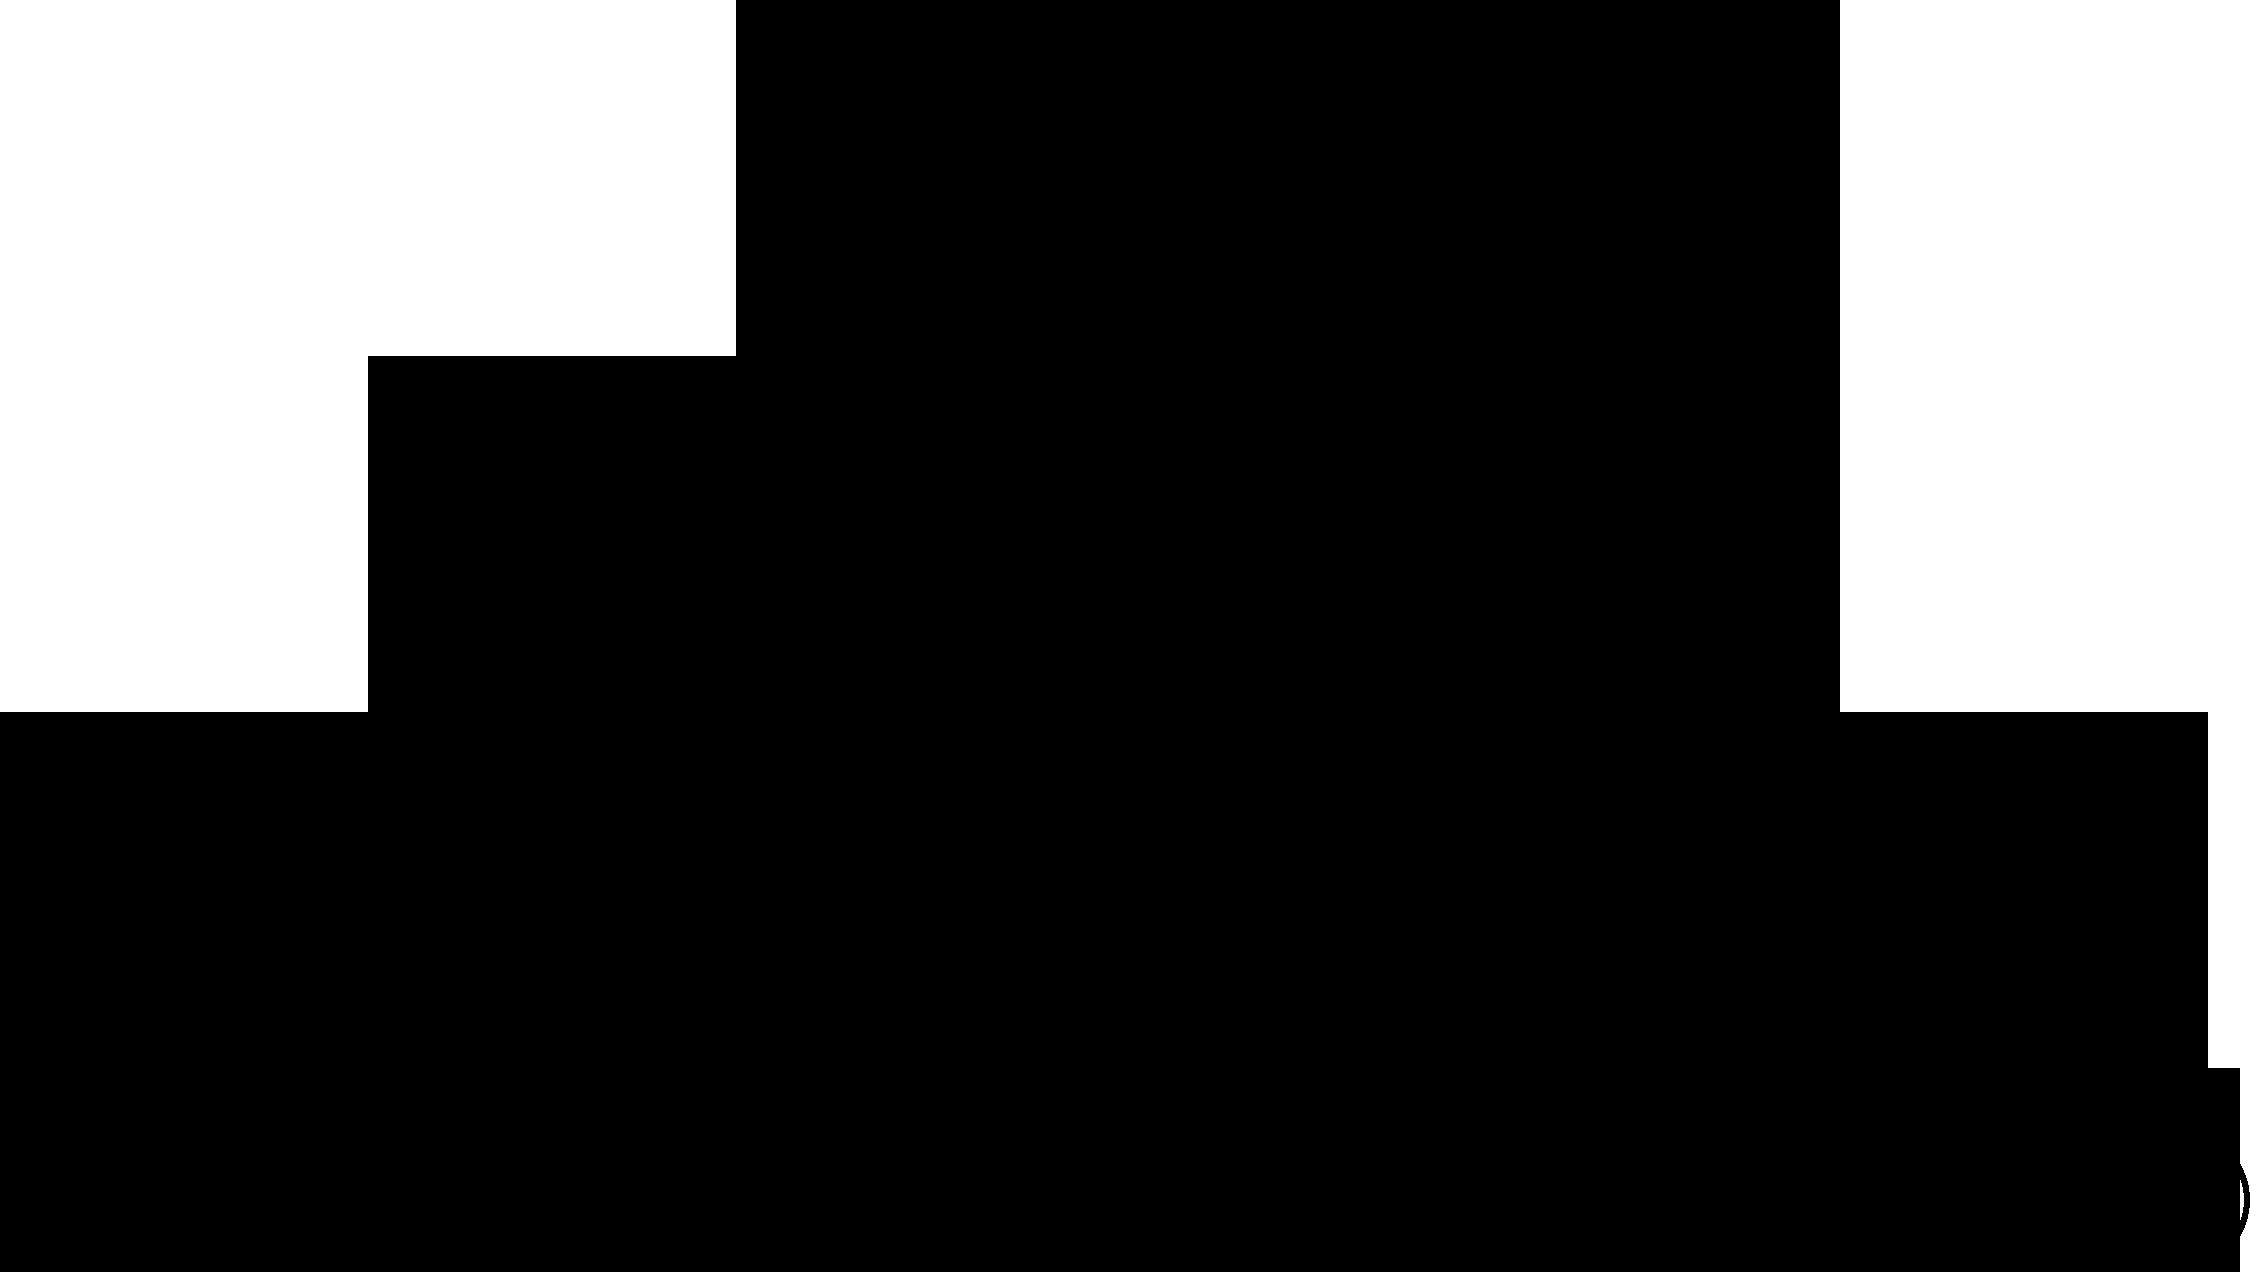 MAHLKONIG-all-black